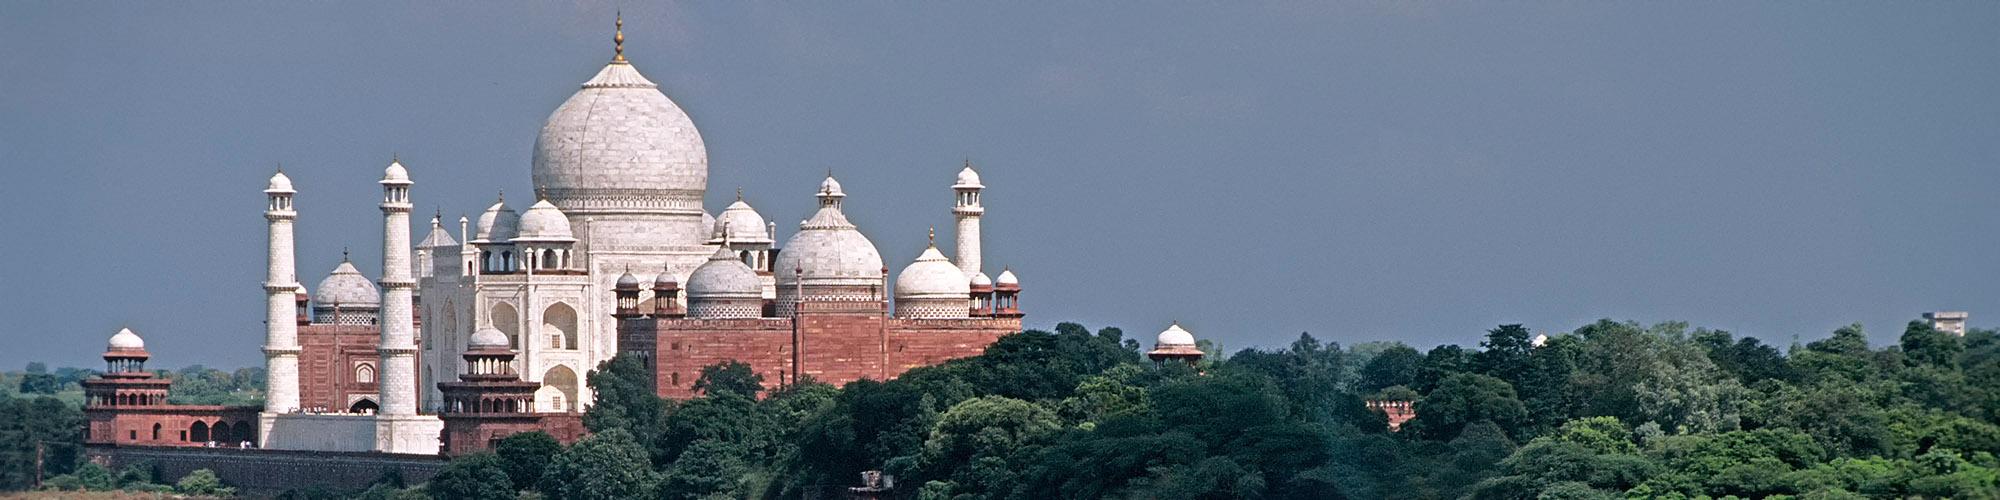 Luna llena en el Taj Mahal- EL PAIS Viajes